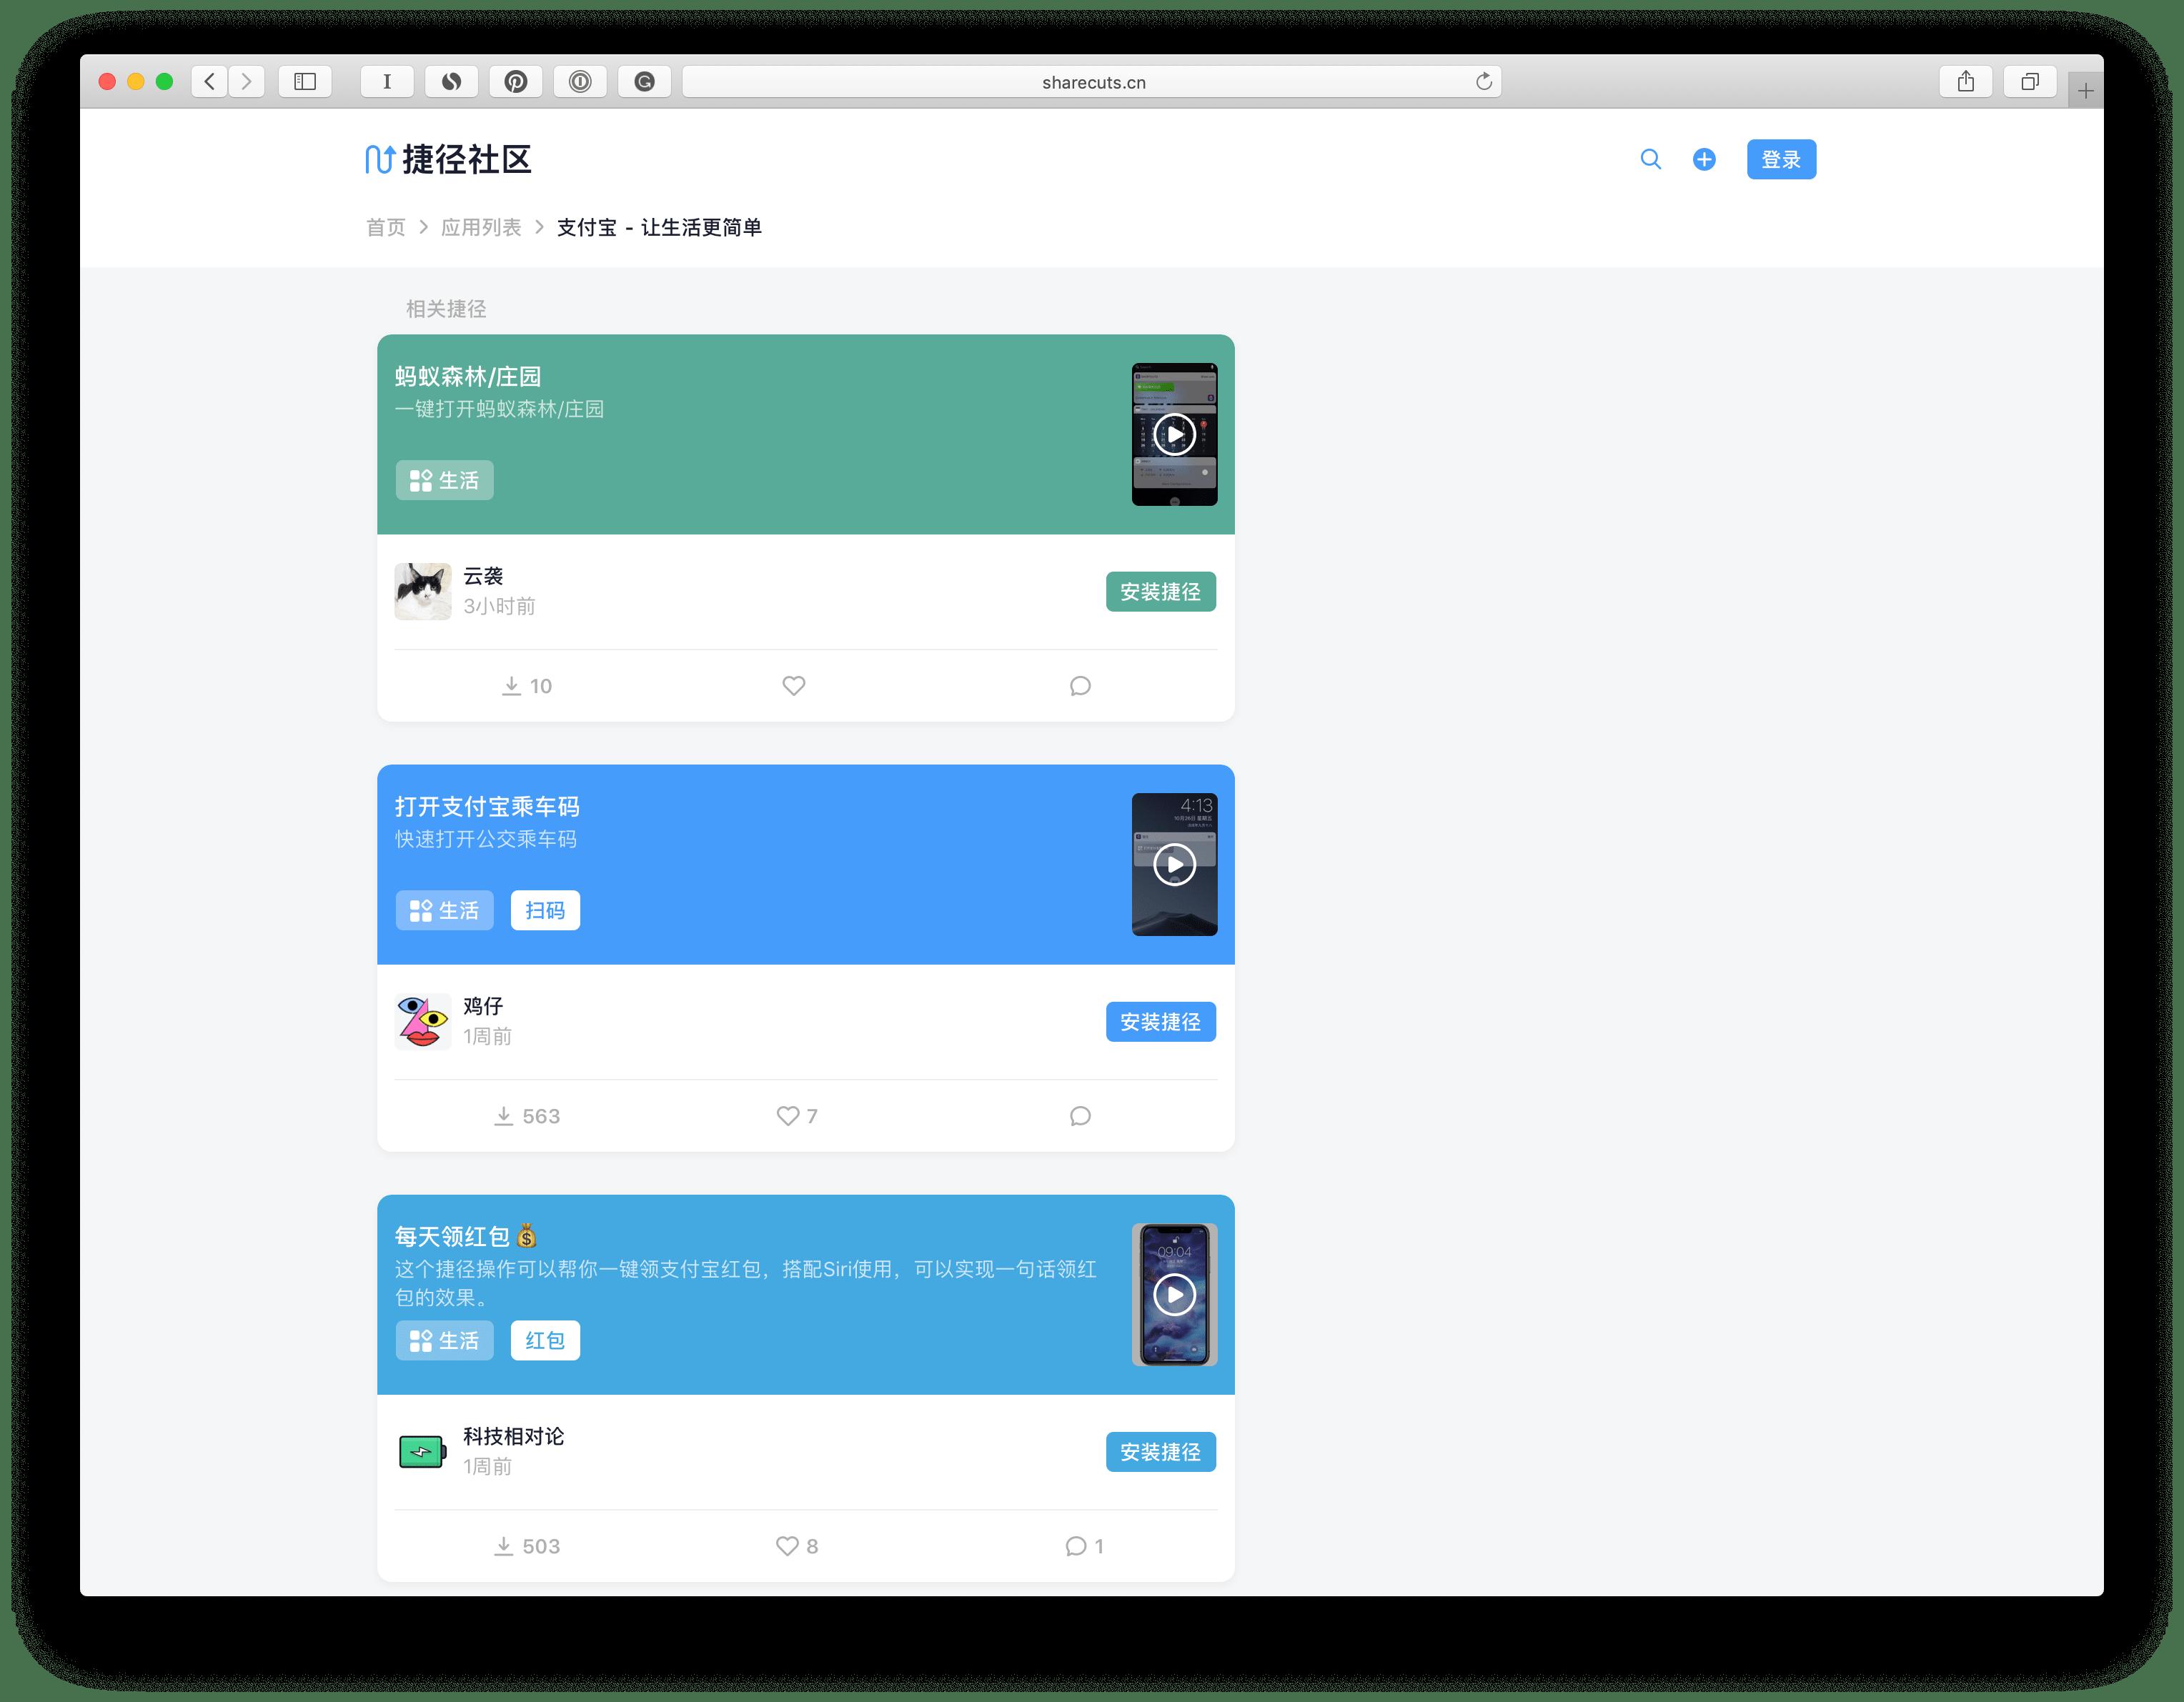 捷径社区-应用主页